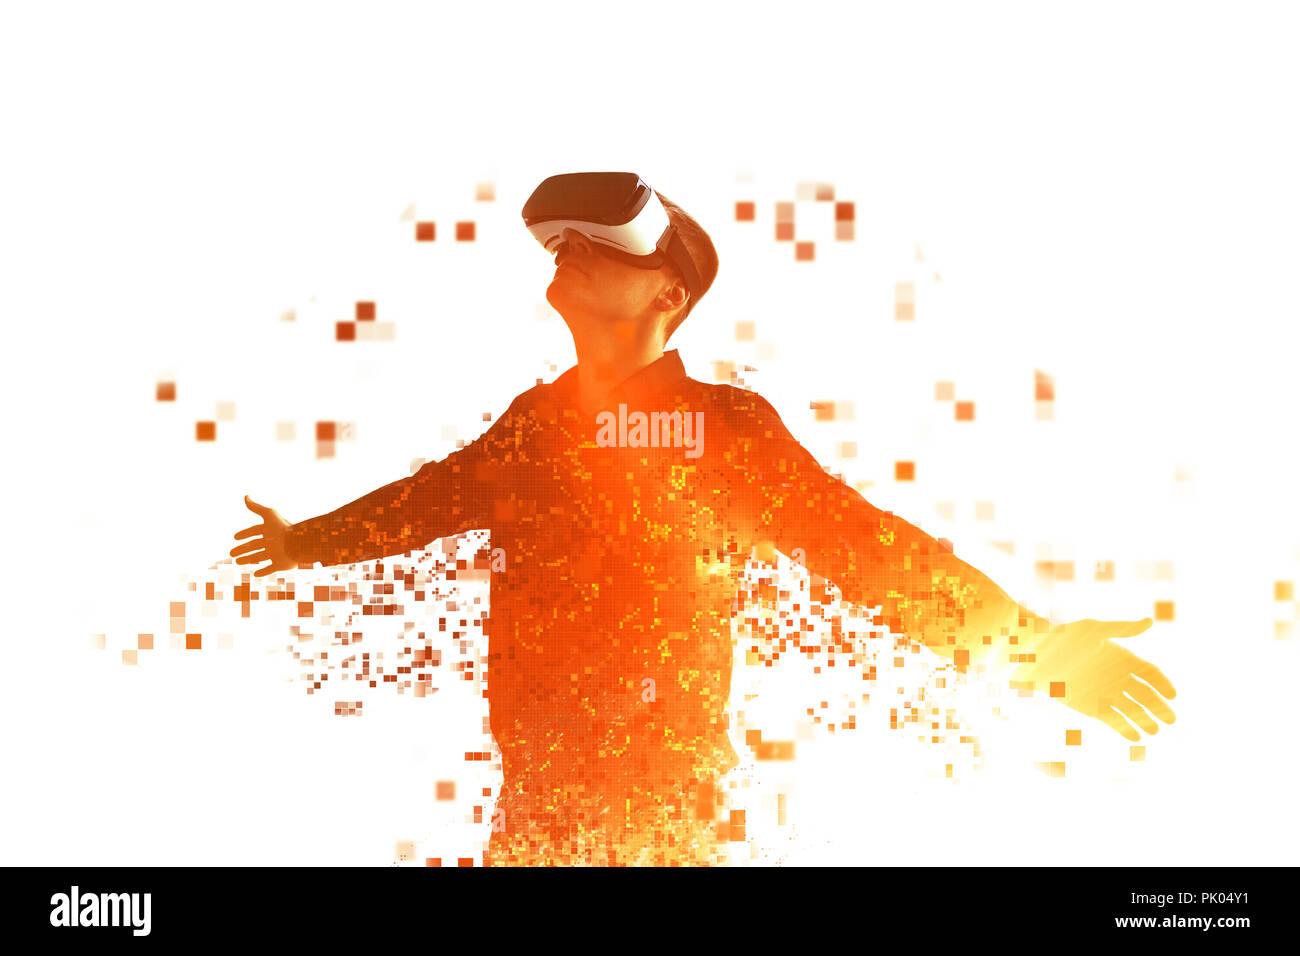 Une personne dans la réalité virtuelle des mouches à lunettes pixels. Le concept des nouvelles technologies et des technologies de l'avenir. Lunettes VR. Photo Stock